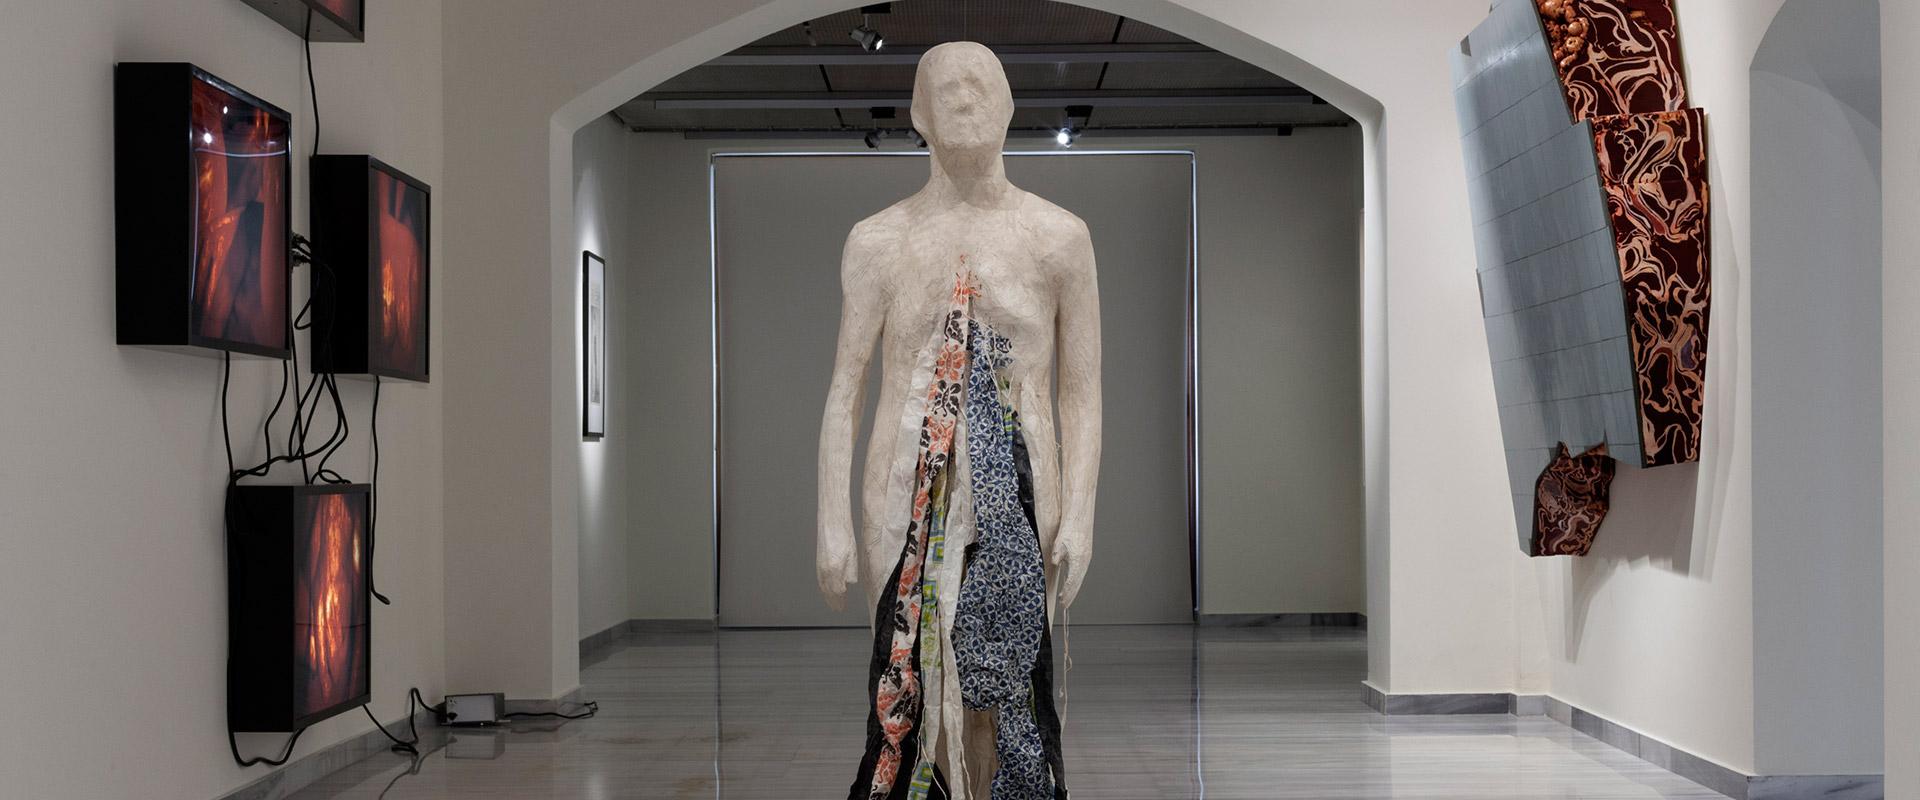 Μουσείο Σύγχρονης Τέχνης Κρήτης